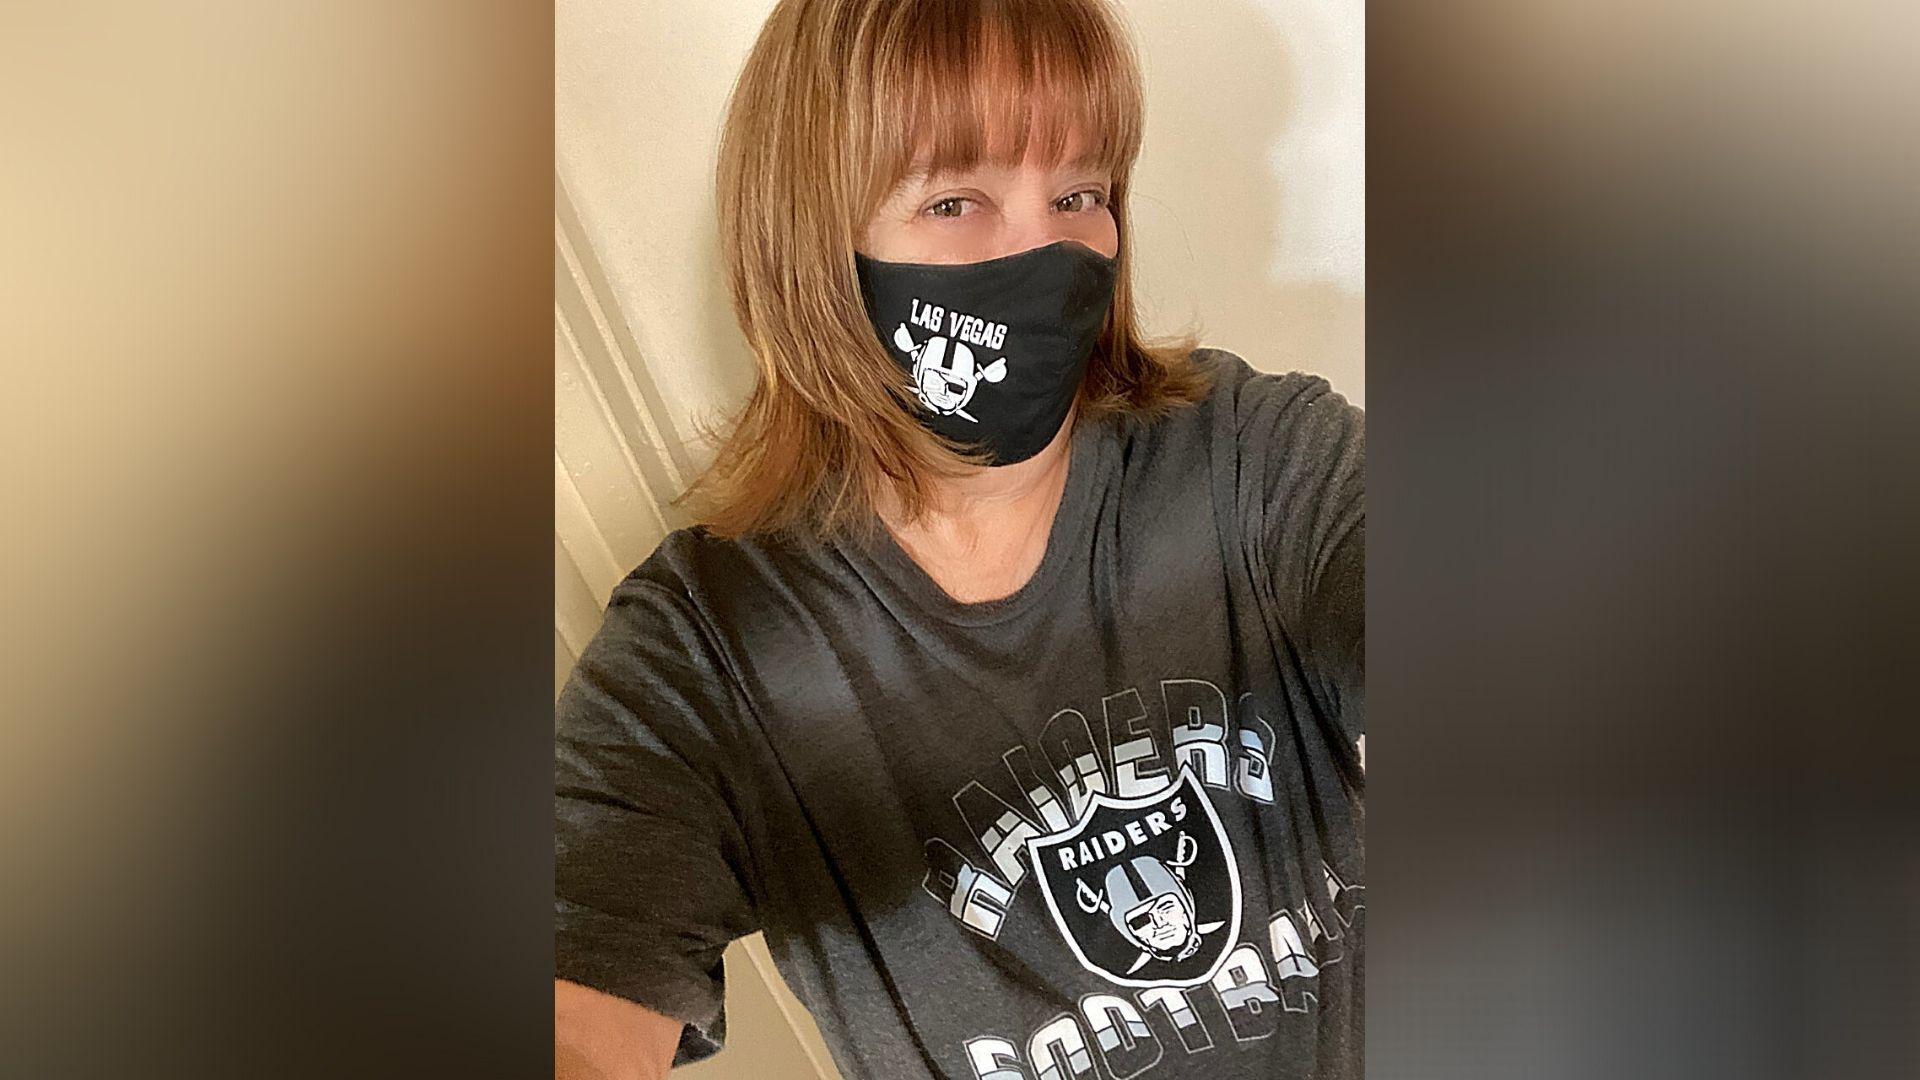 Raiders fans - Sherry Thomas.jpg